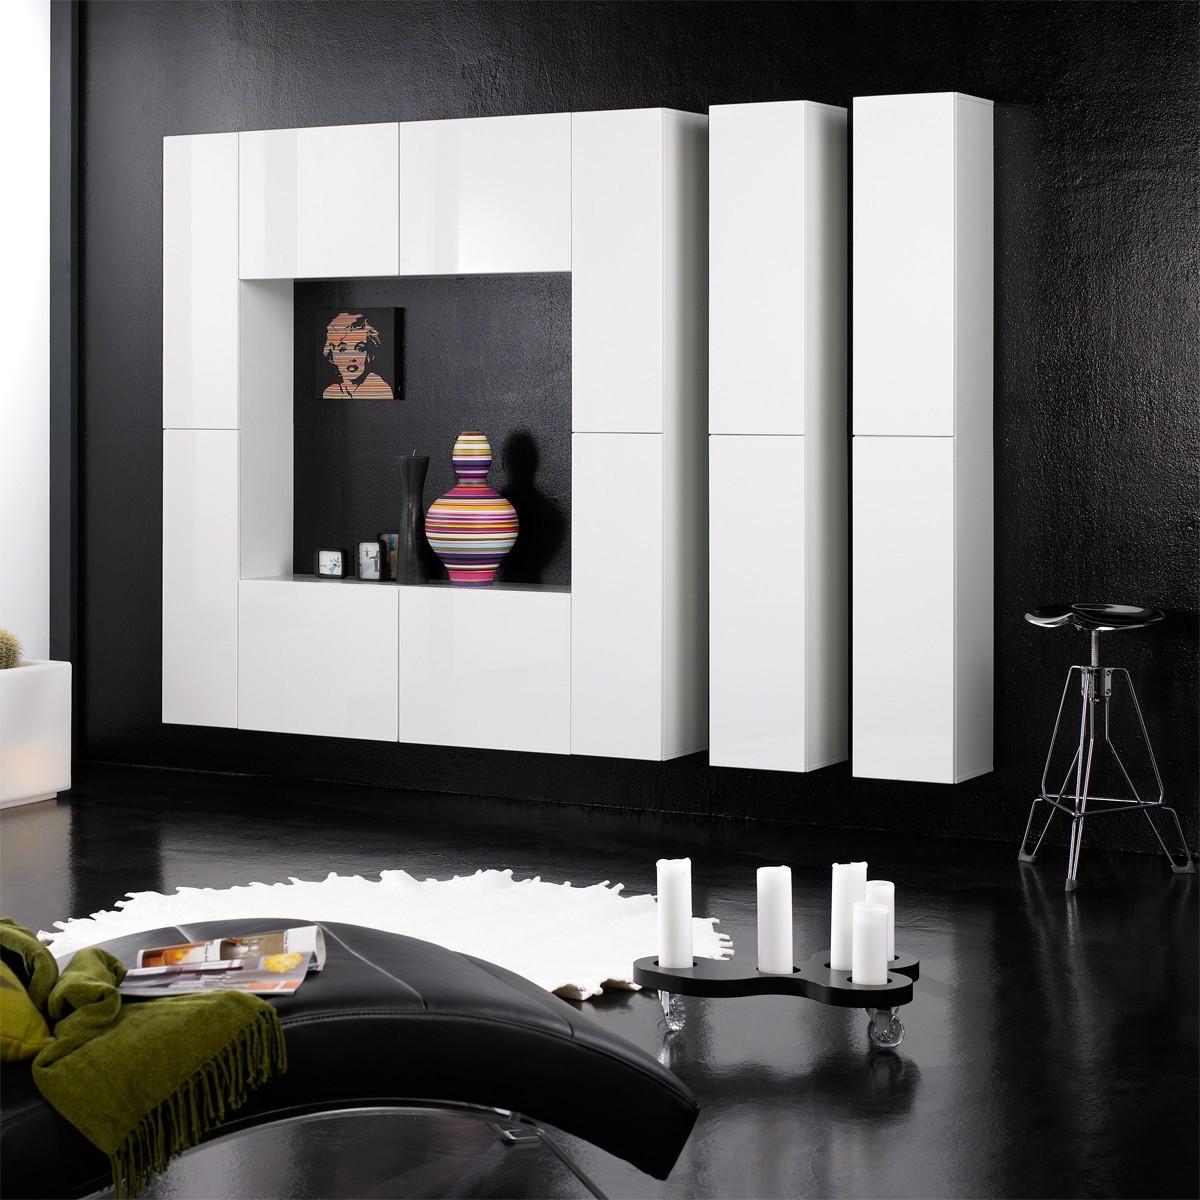 wohnzimmer schrank wohnwand anbauwand monaco weiss ebay. Black Bedroom Furniture Sets. Home Design Ideas